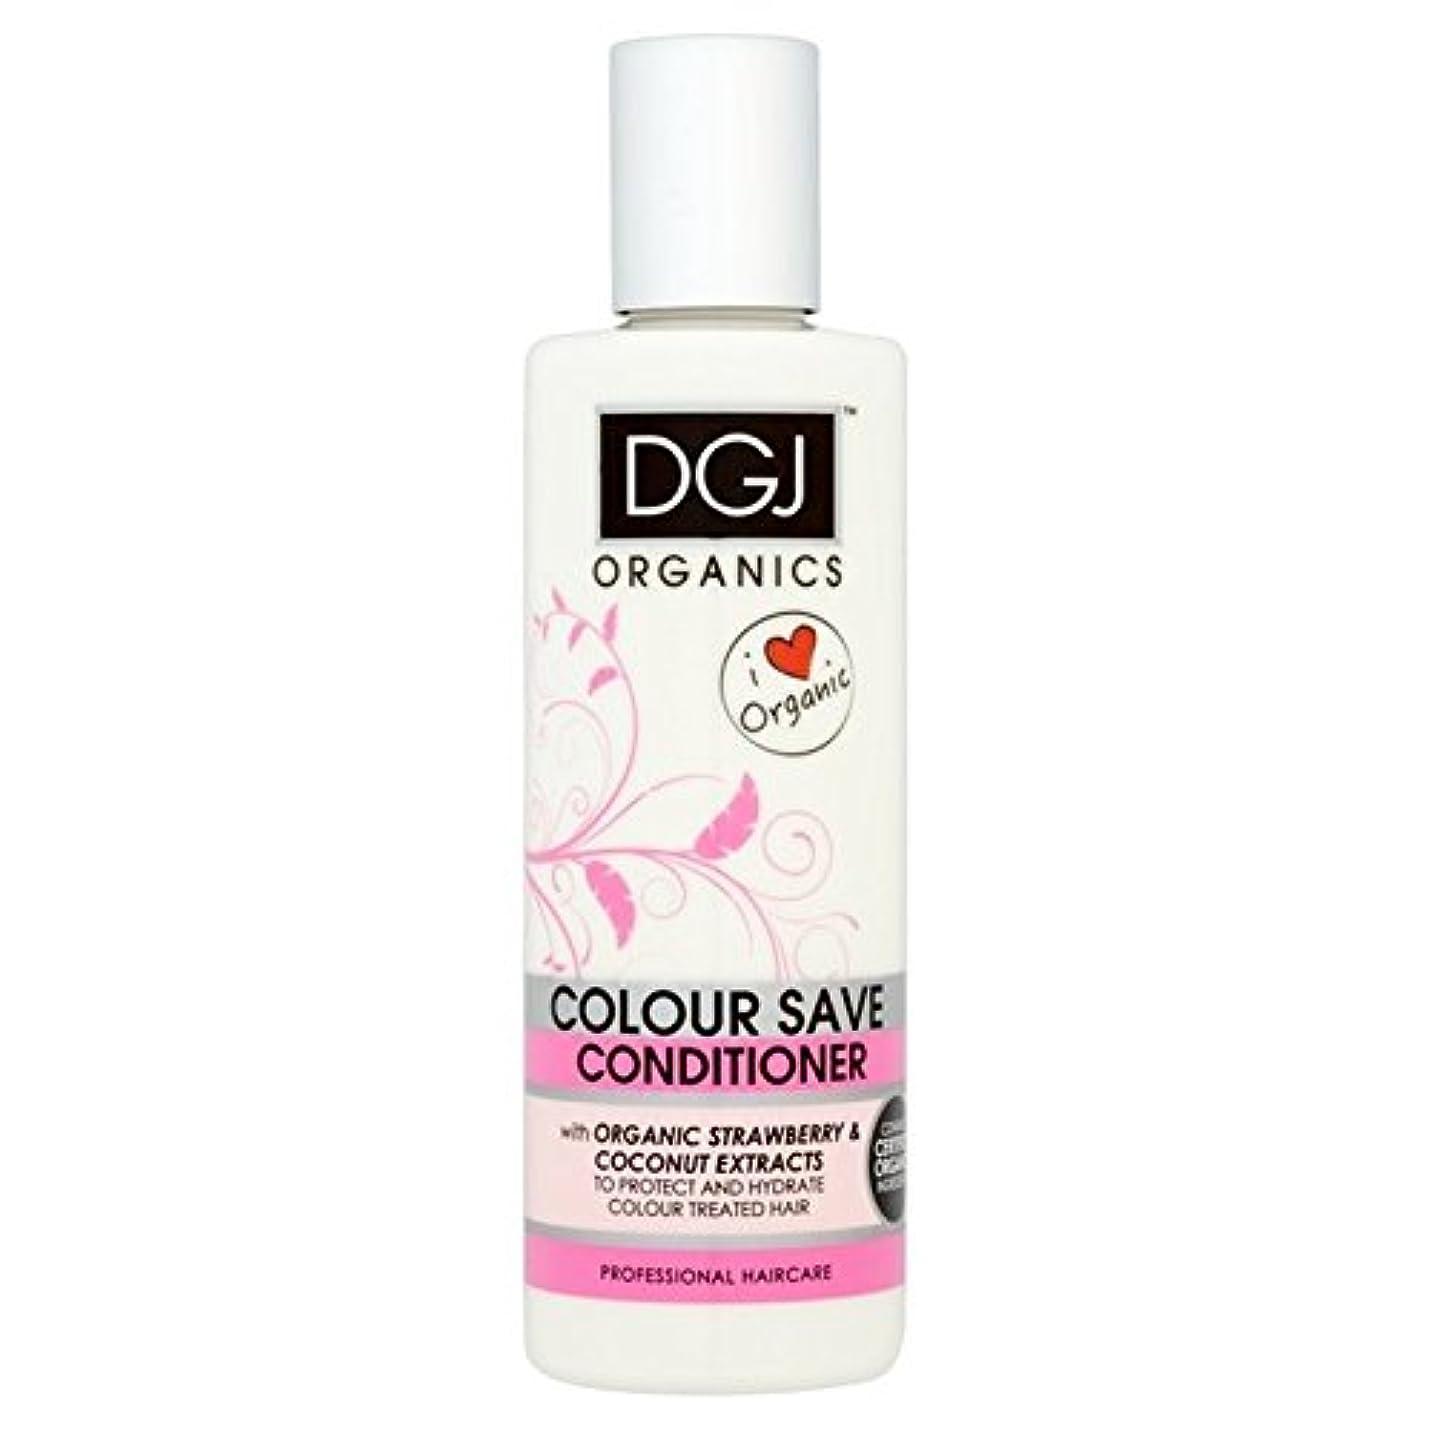 ピグマリオンプラス震えDGJ Organics Colour Save Conditioner 250ml - 有機物の色コンディショナー250を保存 [並行輸入品]